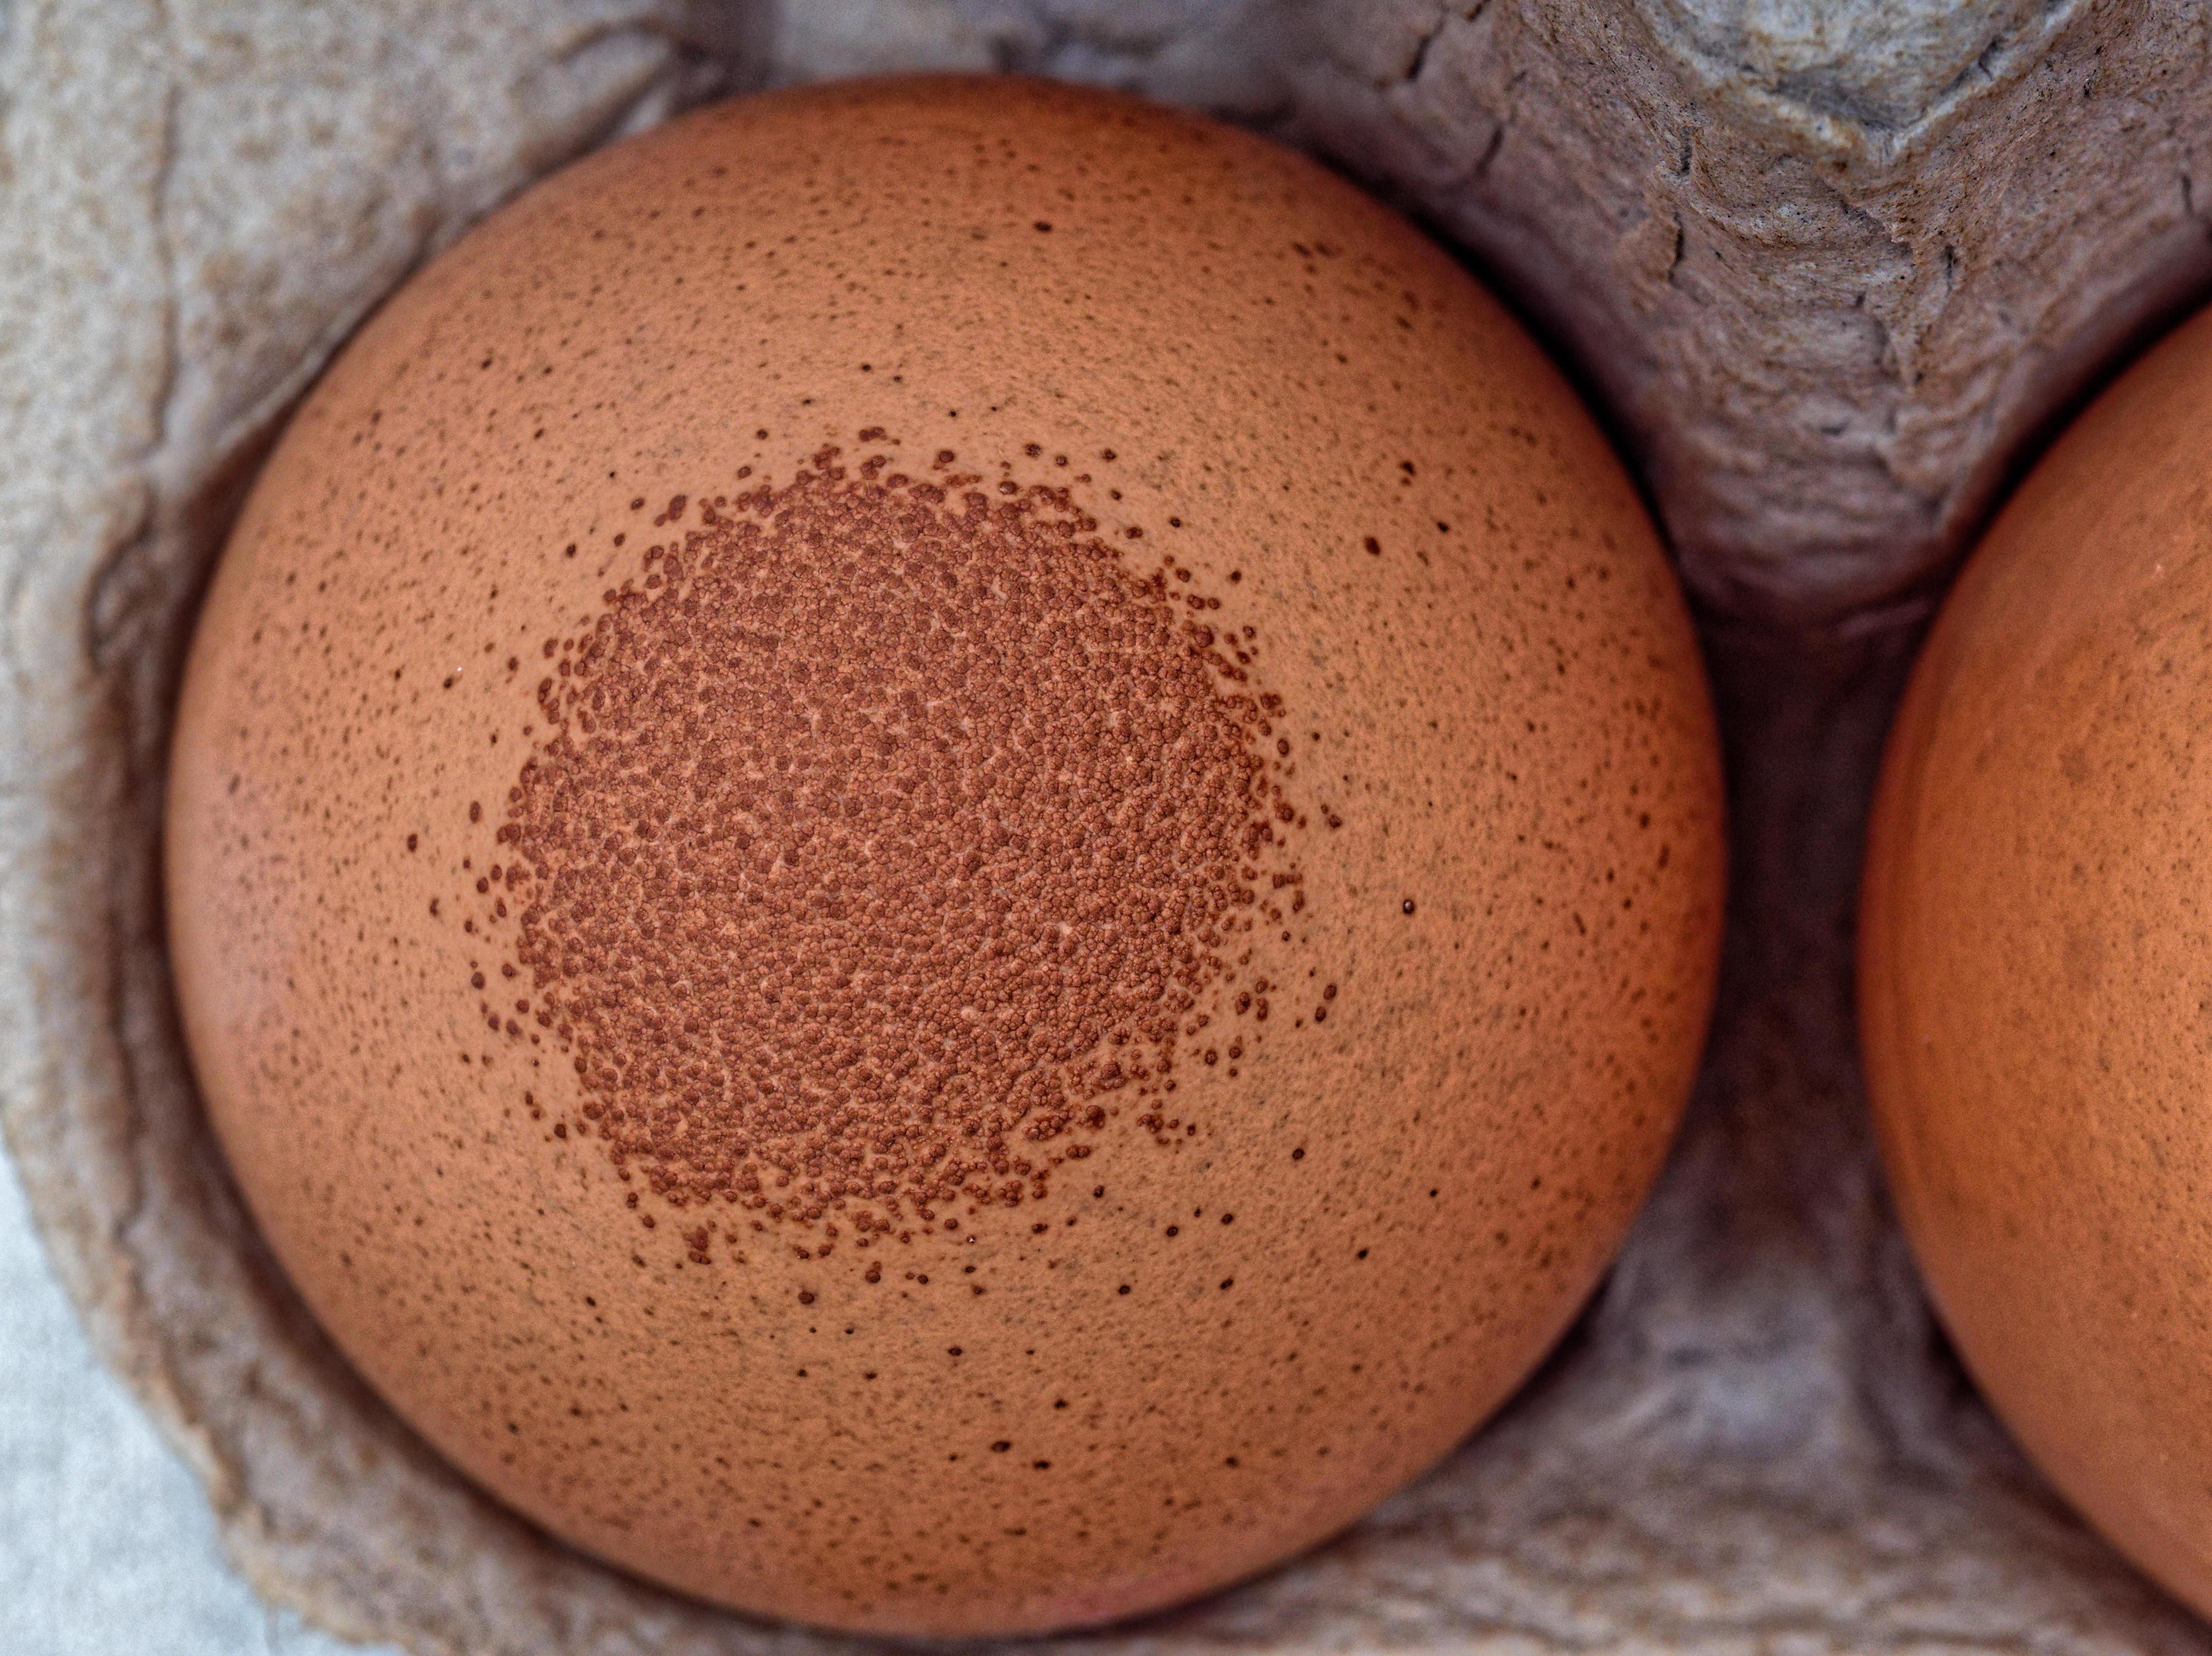 Speckled-egg-3.jpeg